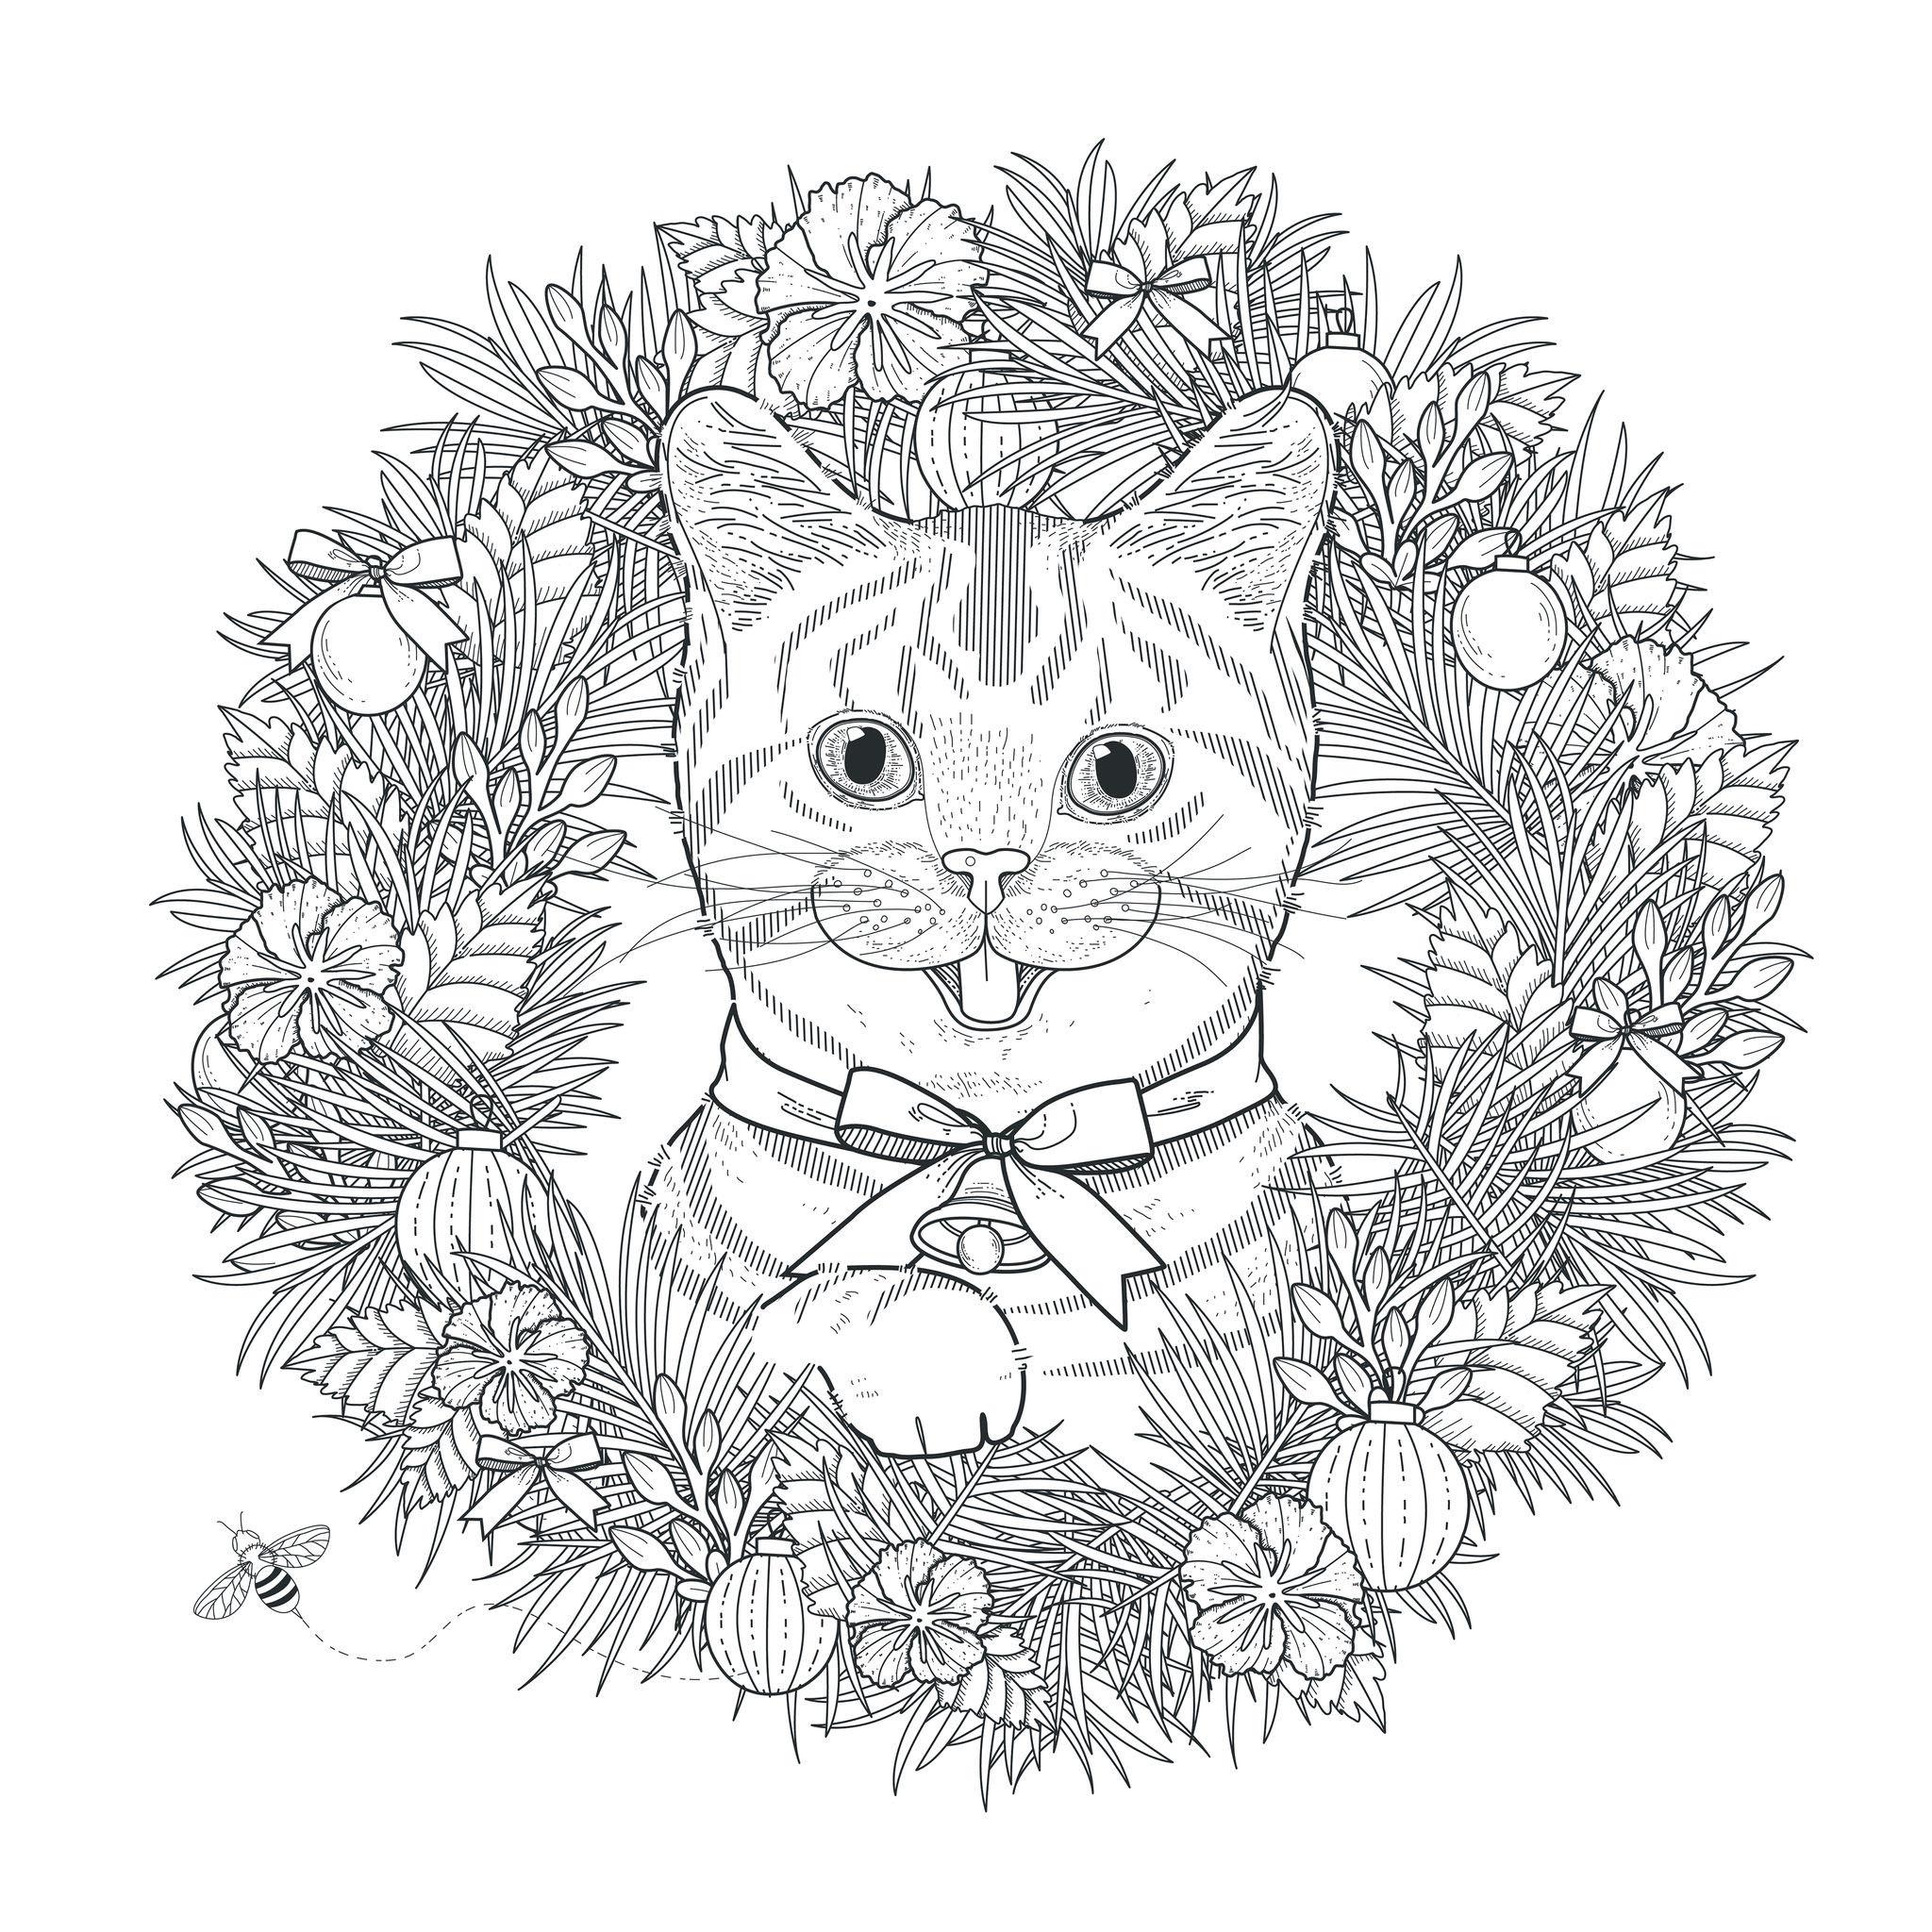 Coloriage de chat à télécharger gratuitement - Coloriages ...